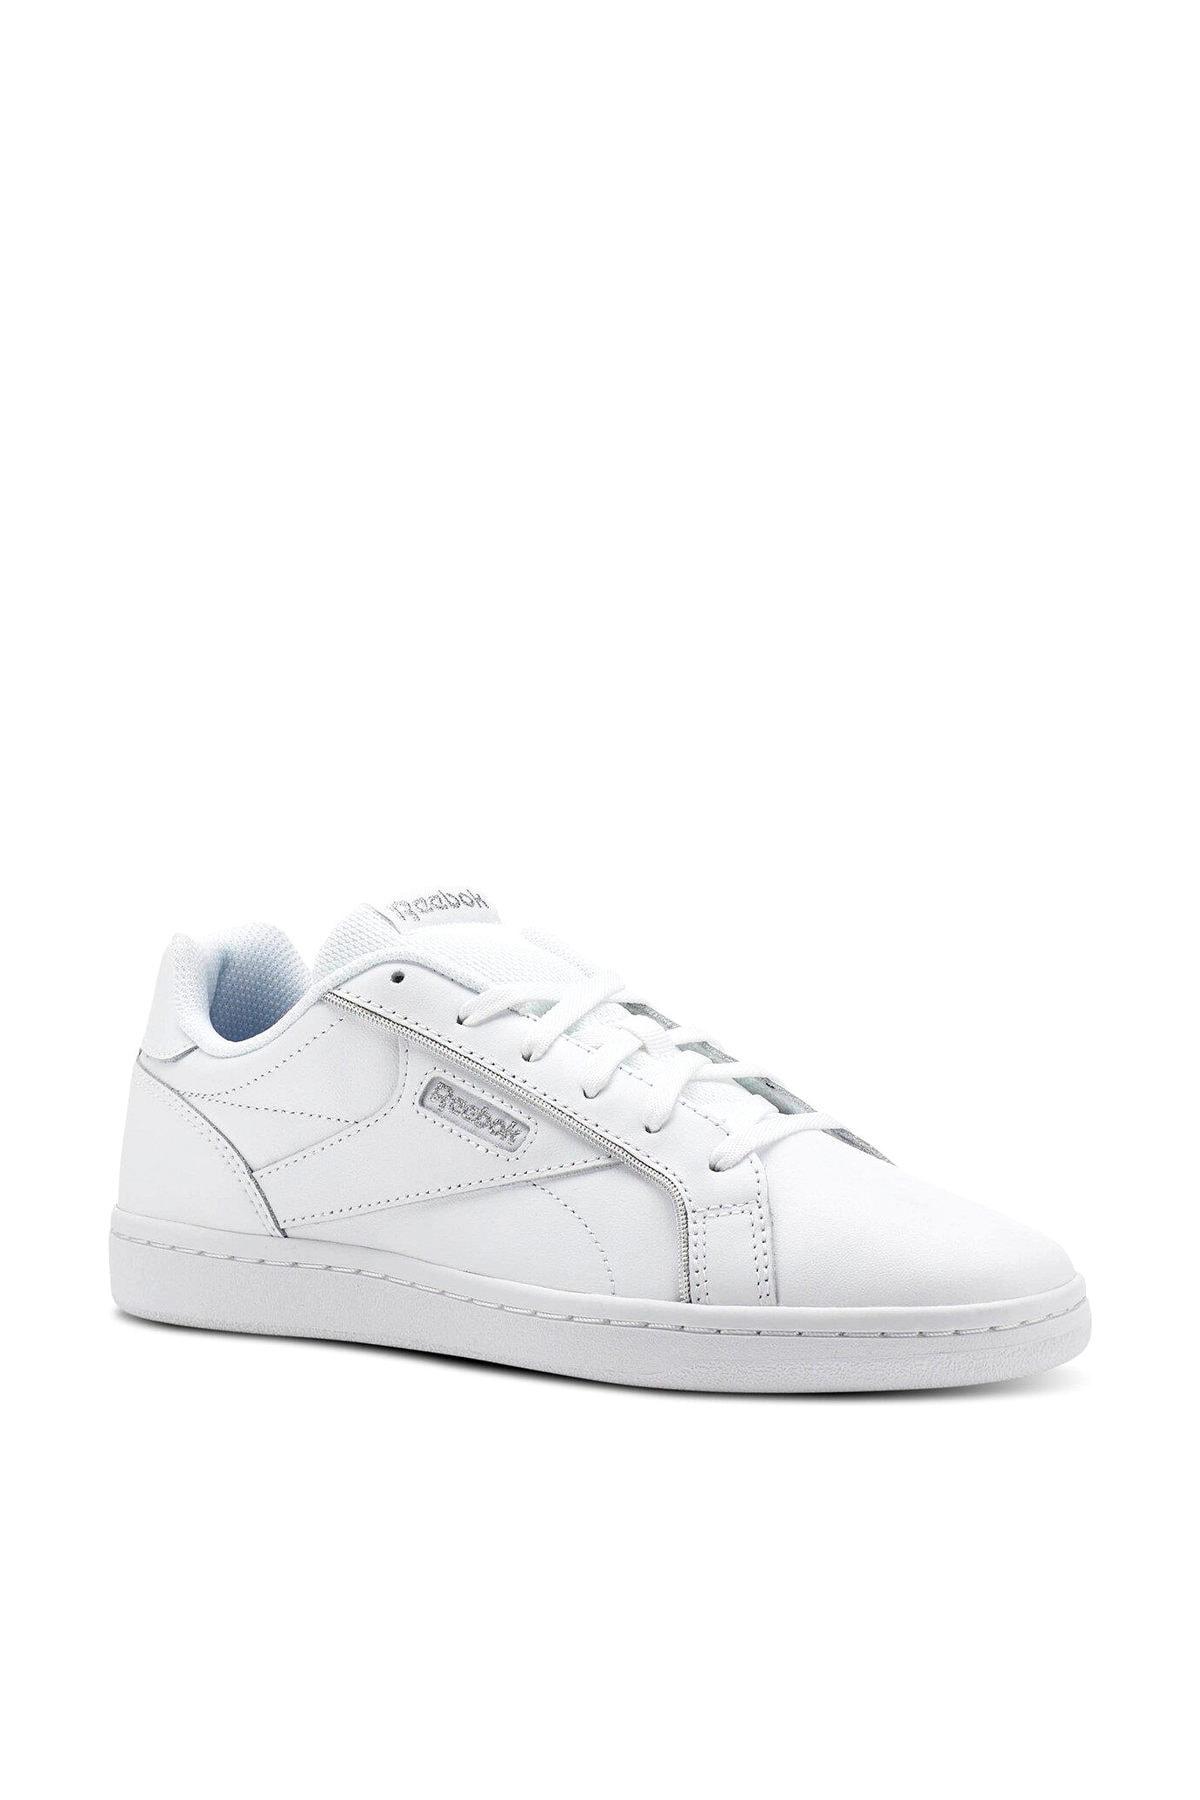 Reebok Kadın Spor Ayakkabı - Royal Cmplt - CN3132 1